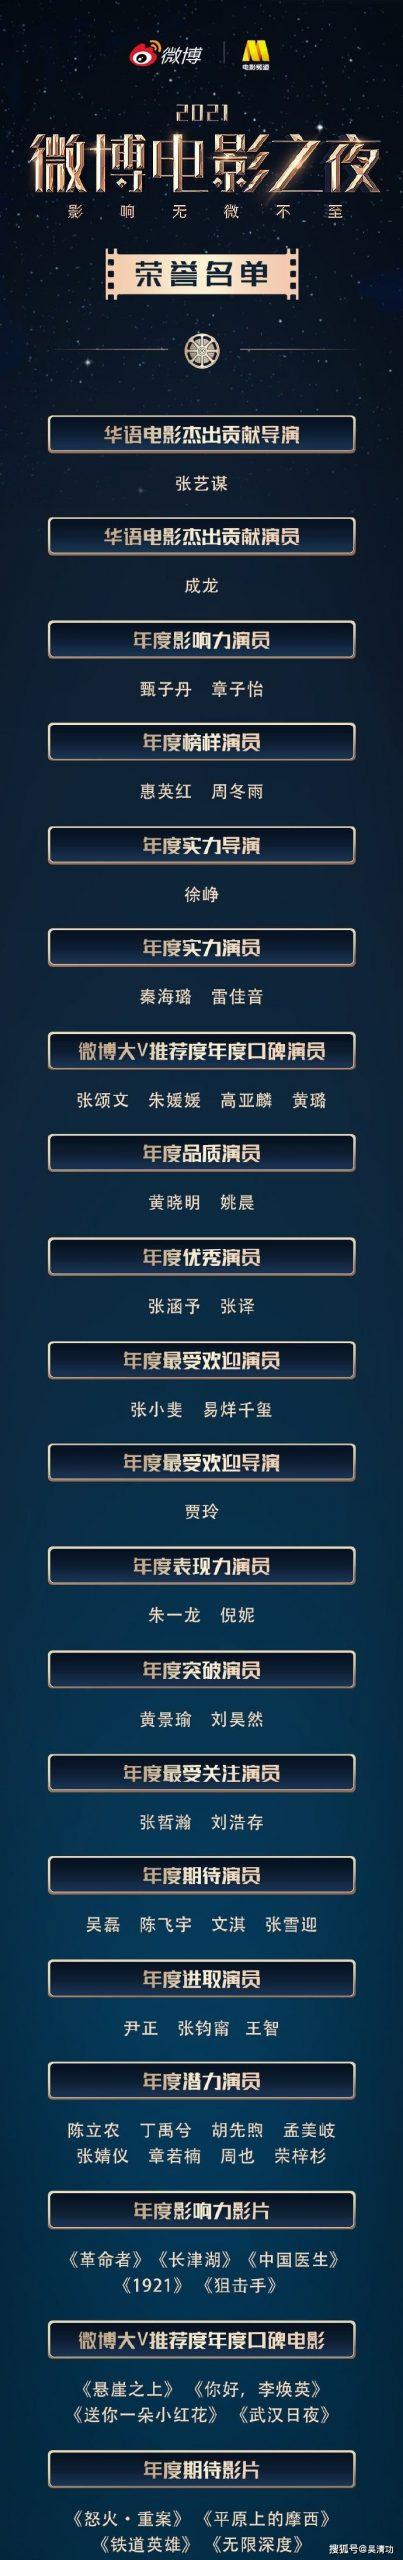 2021微博电影之夜获奖名单!陈立农、吴磊、朱一龙、张哲瀚、易烊千玺榜上有名!-Woah.MY